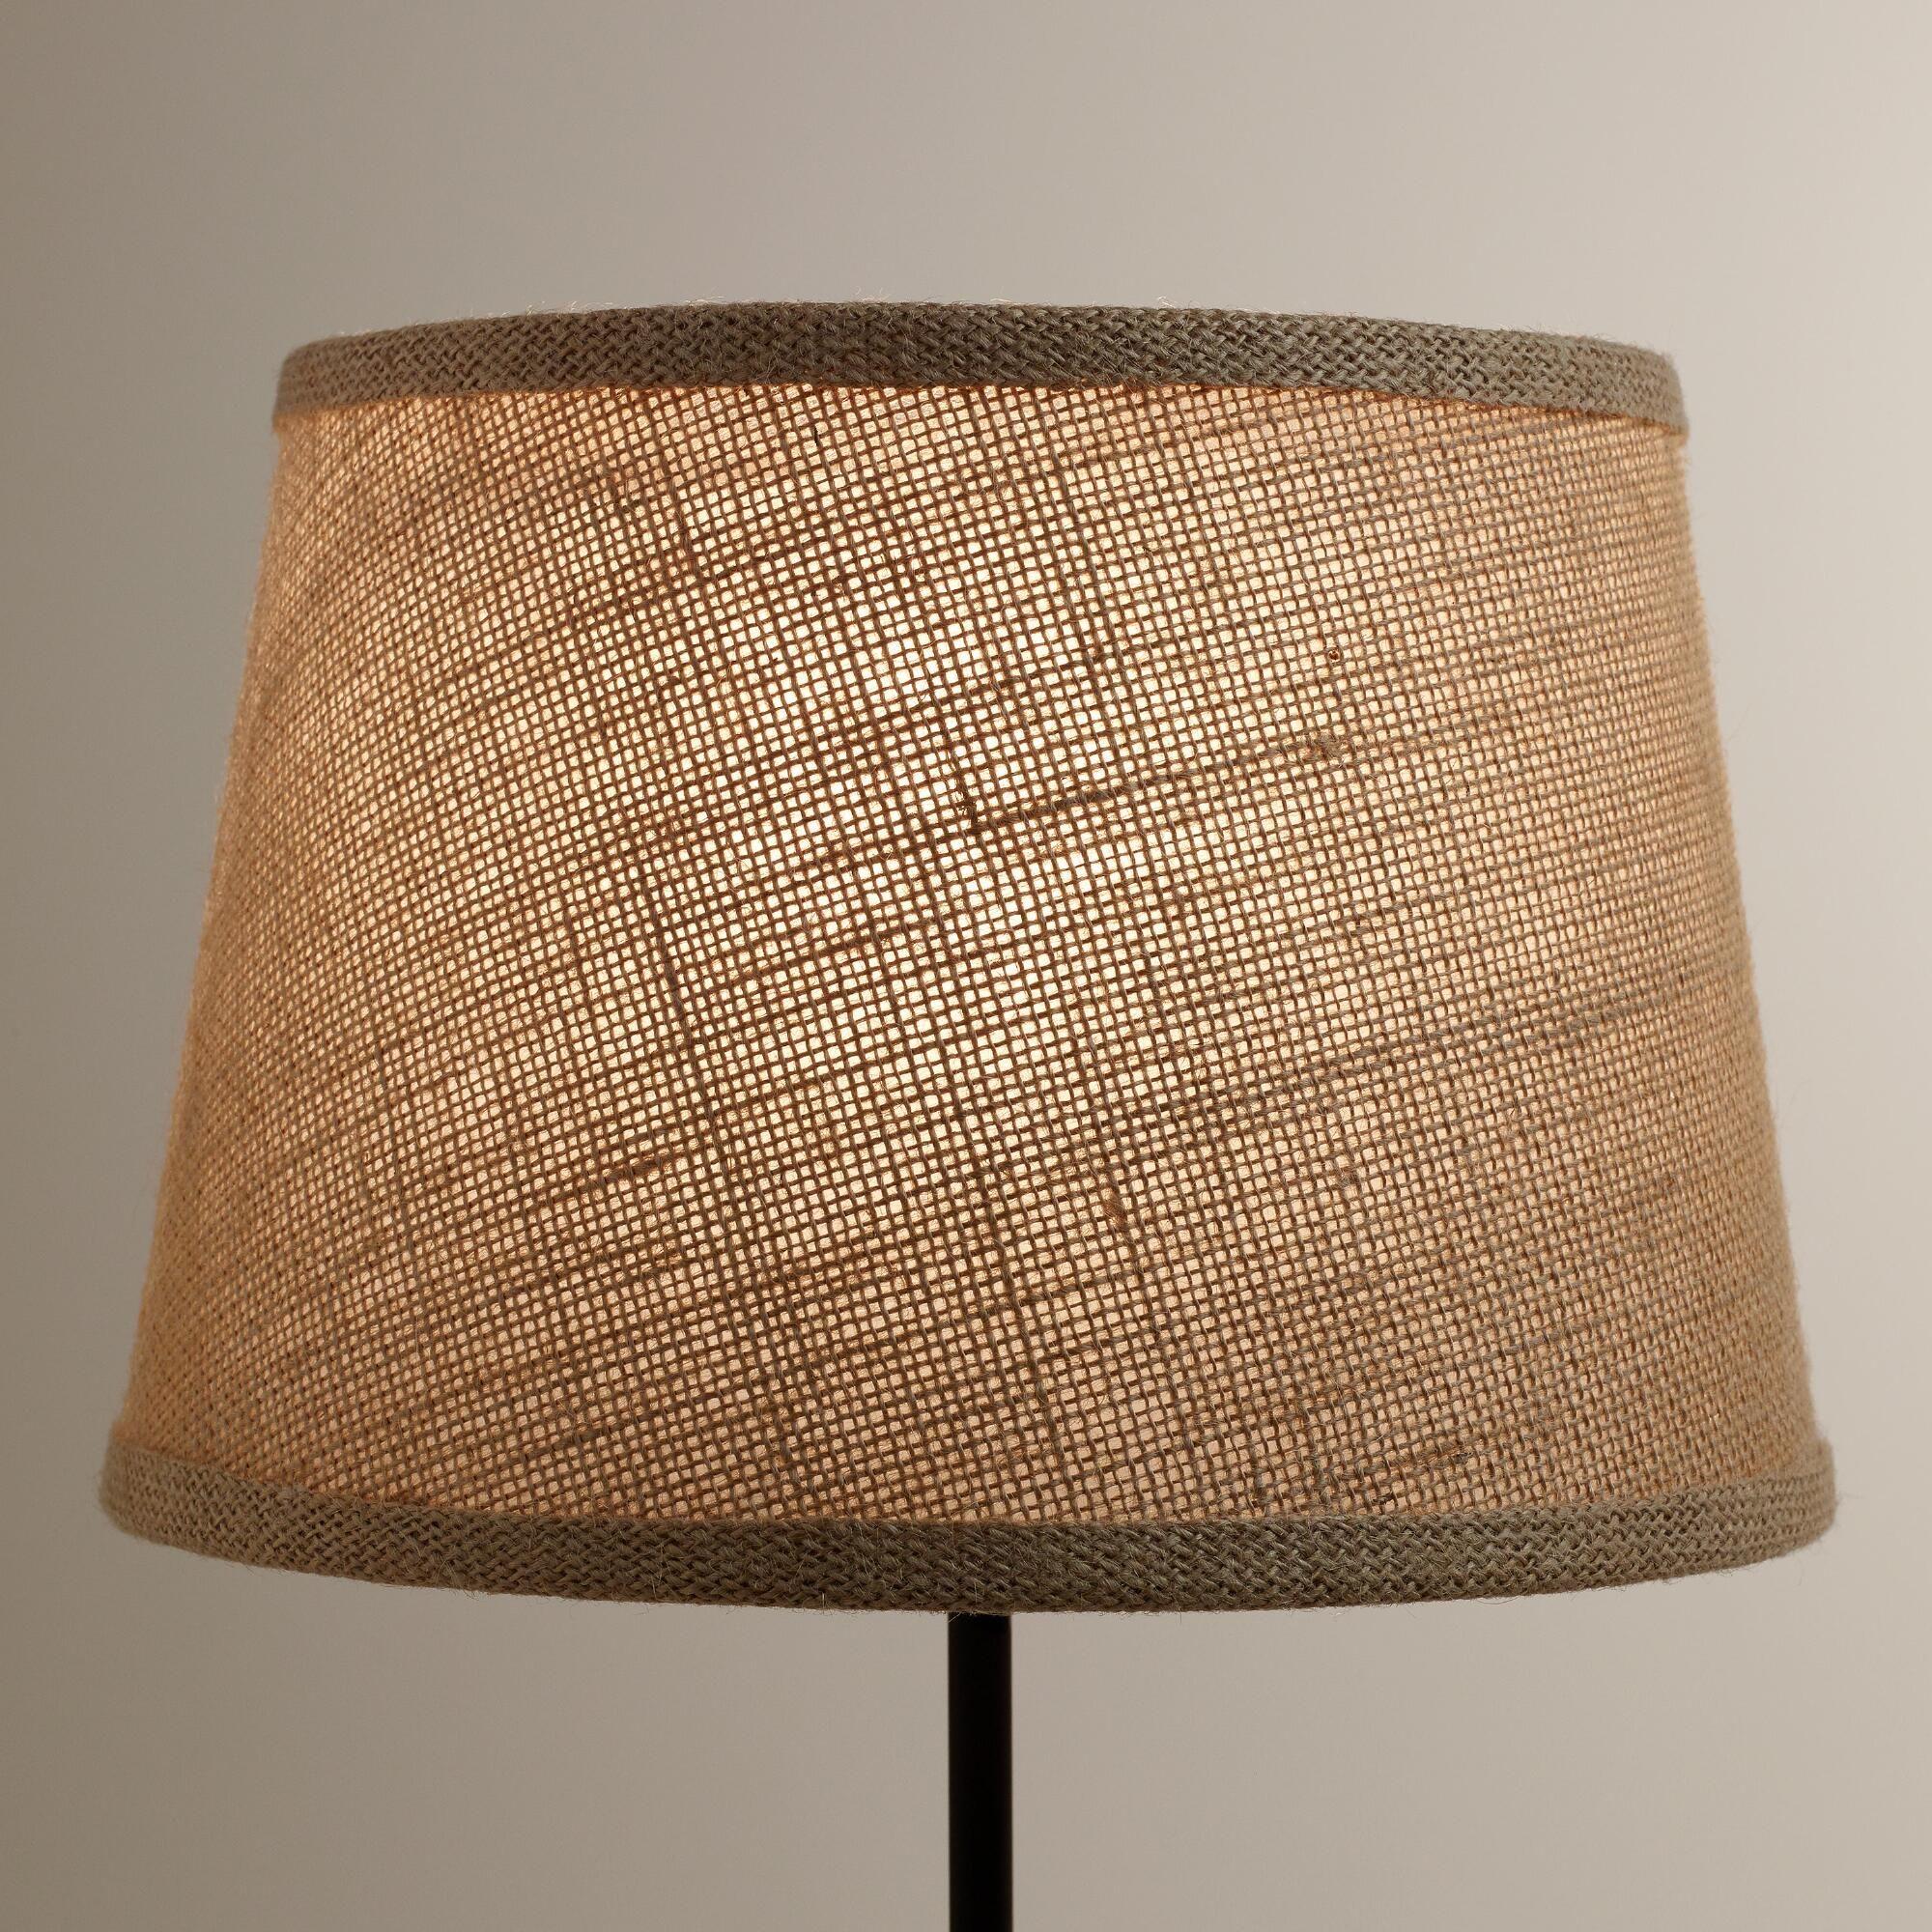 World Market Lamp Shades Natural Burlap Accent Lamp Shade